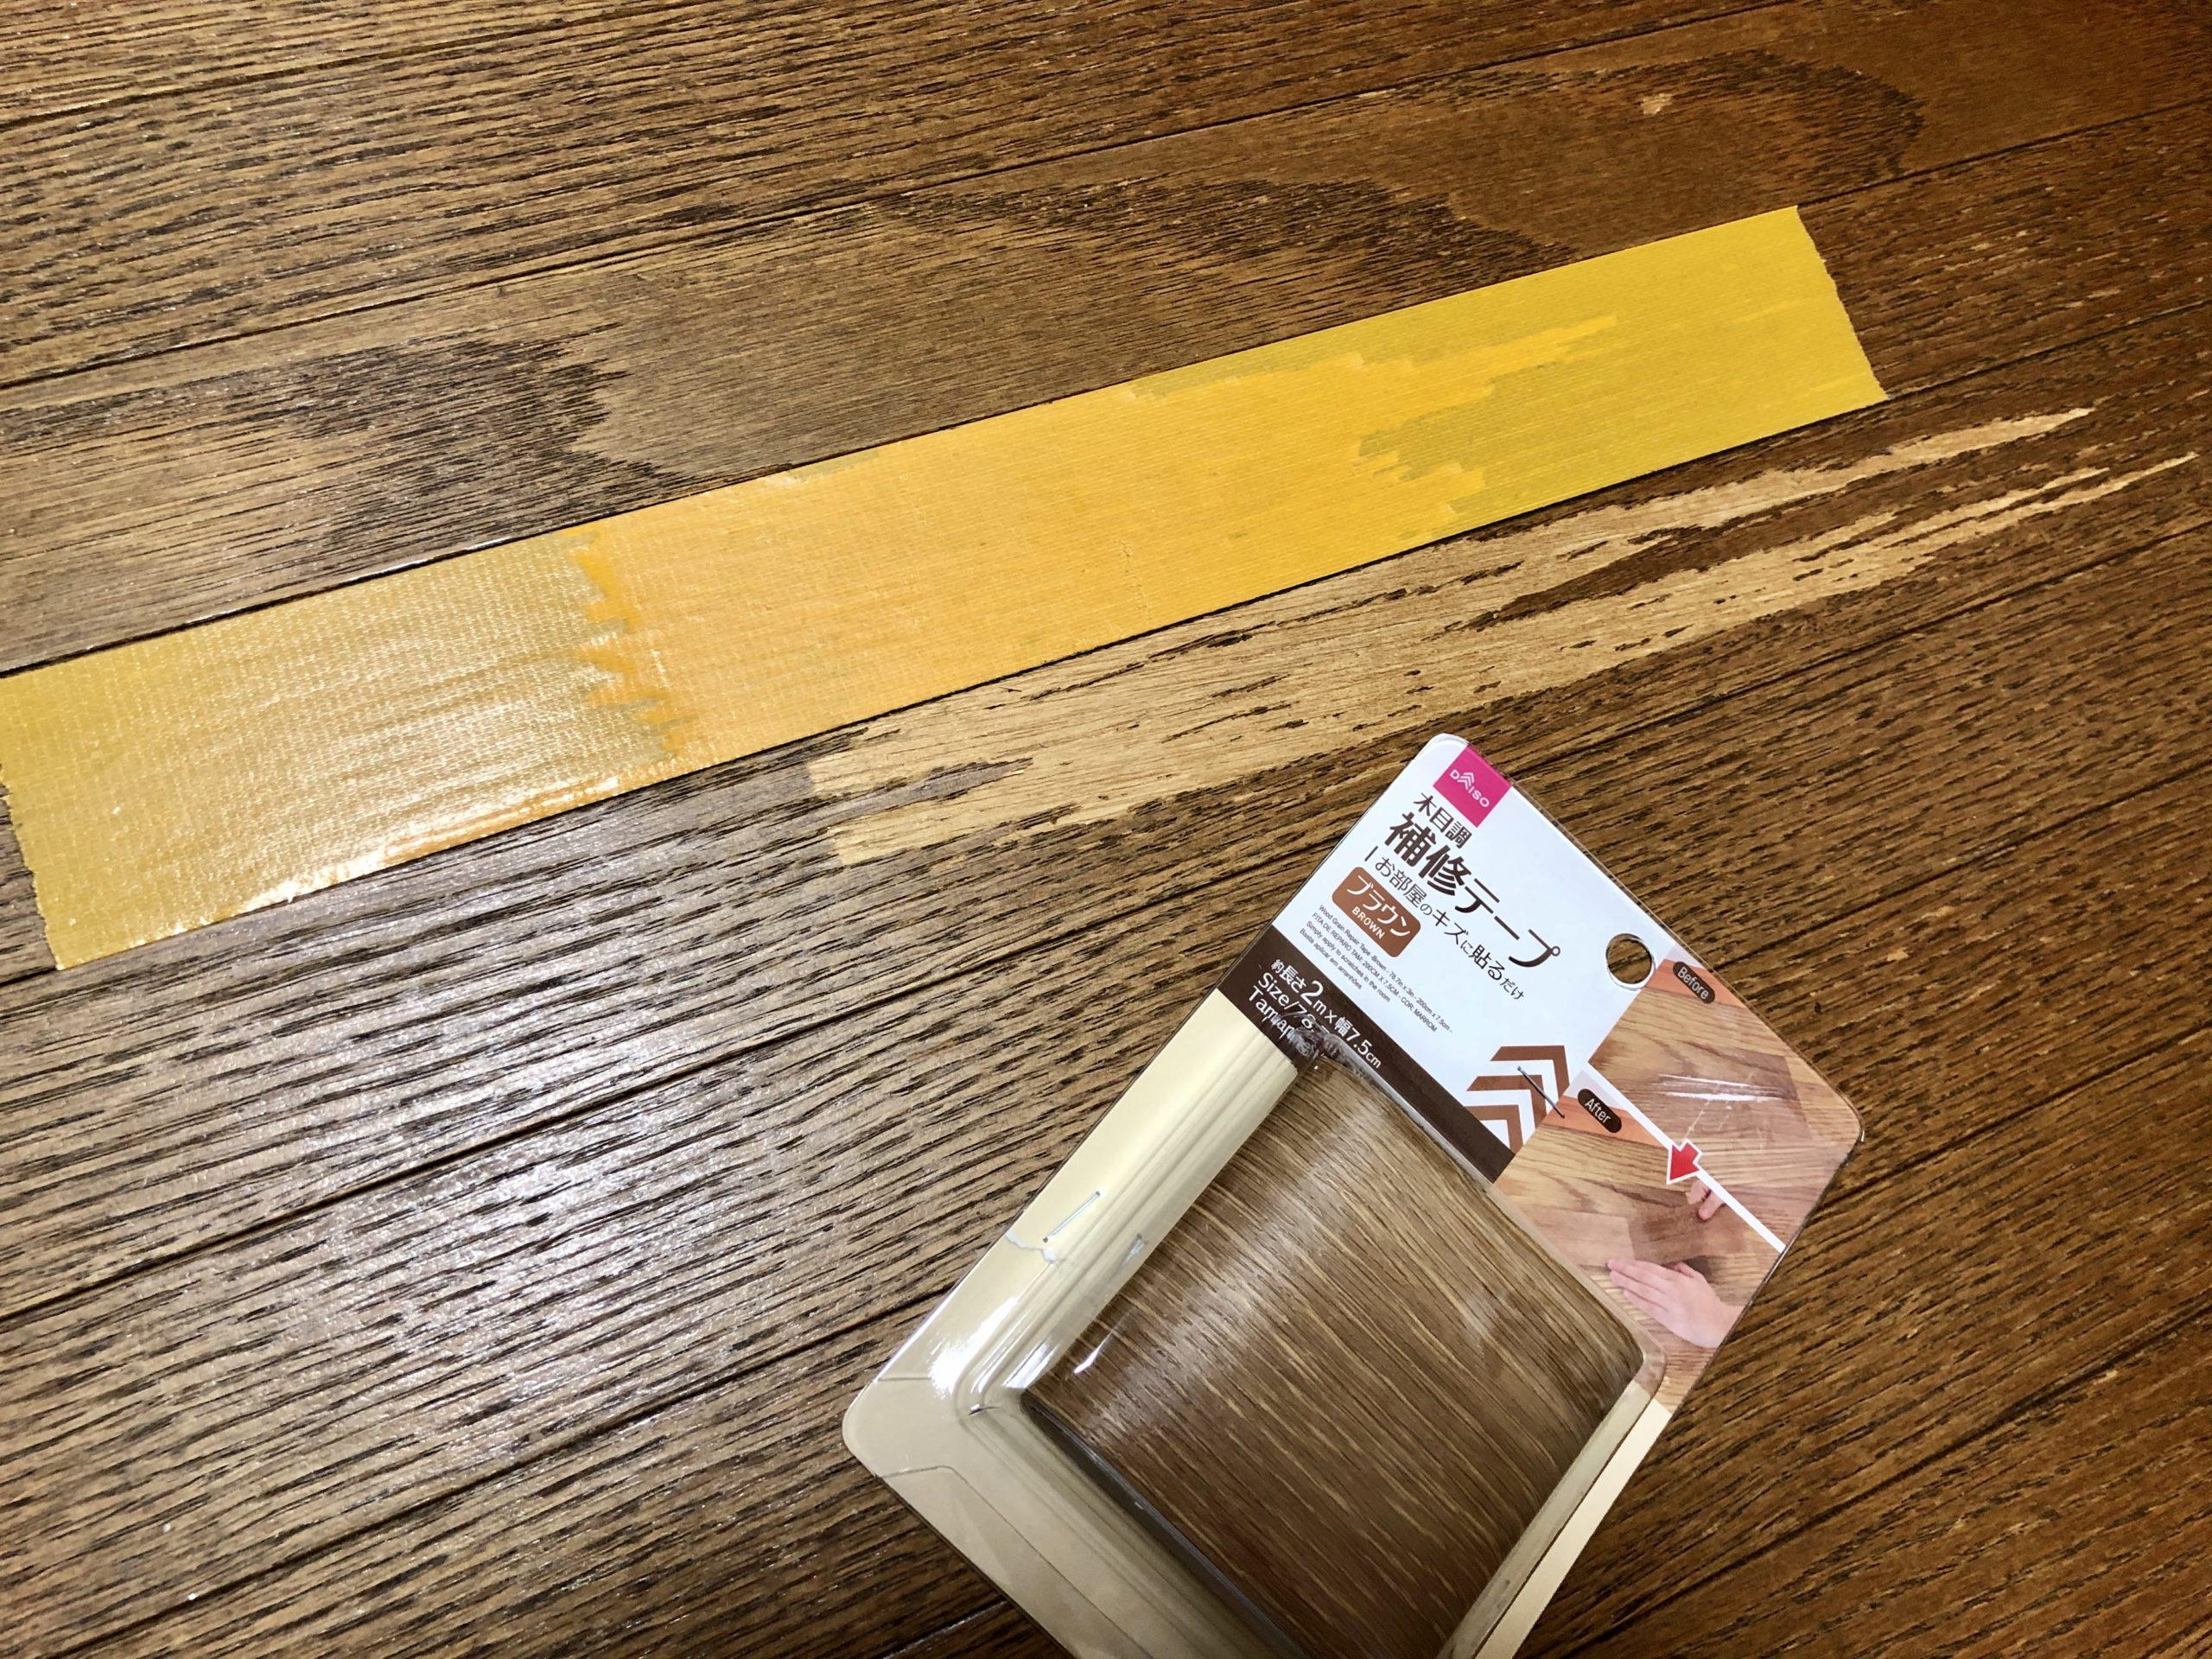 ダイソーの床補修テープ